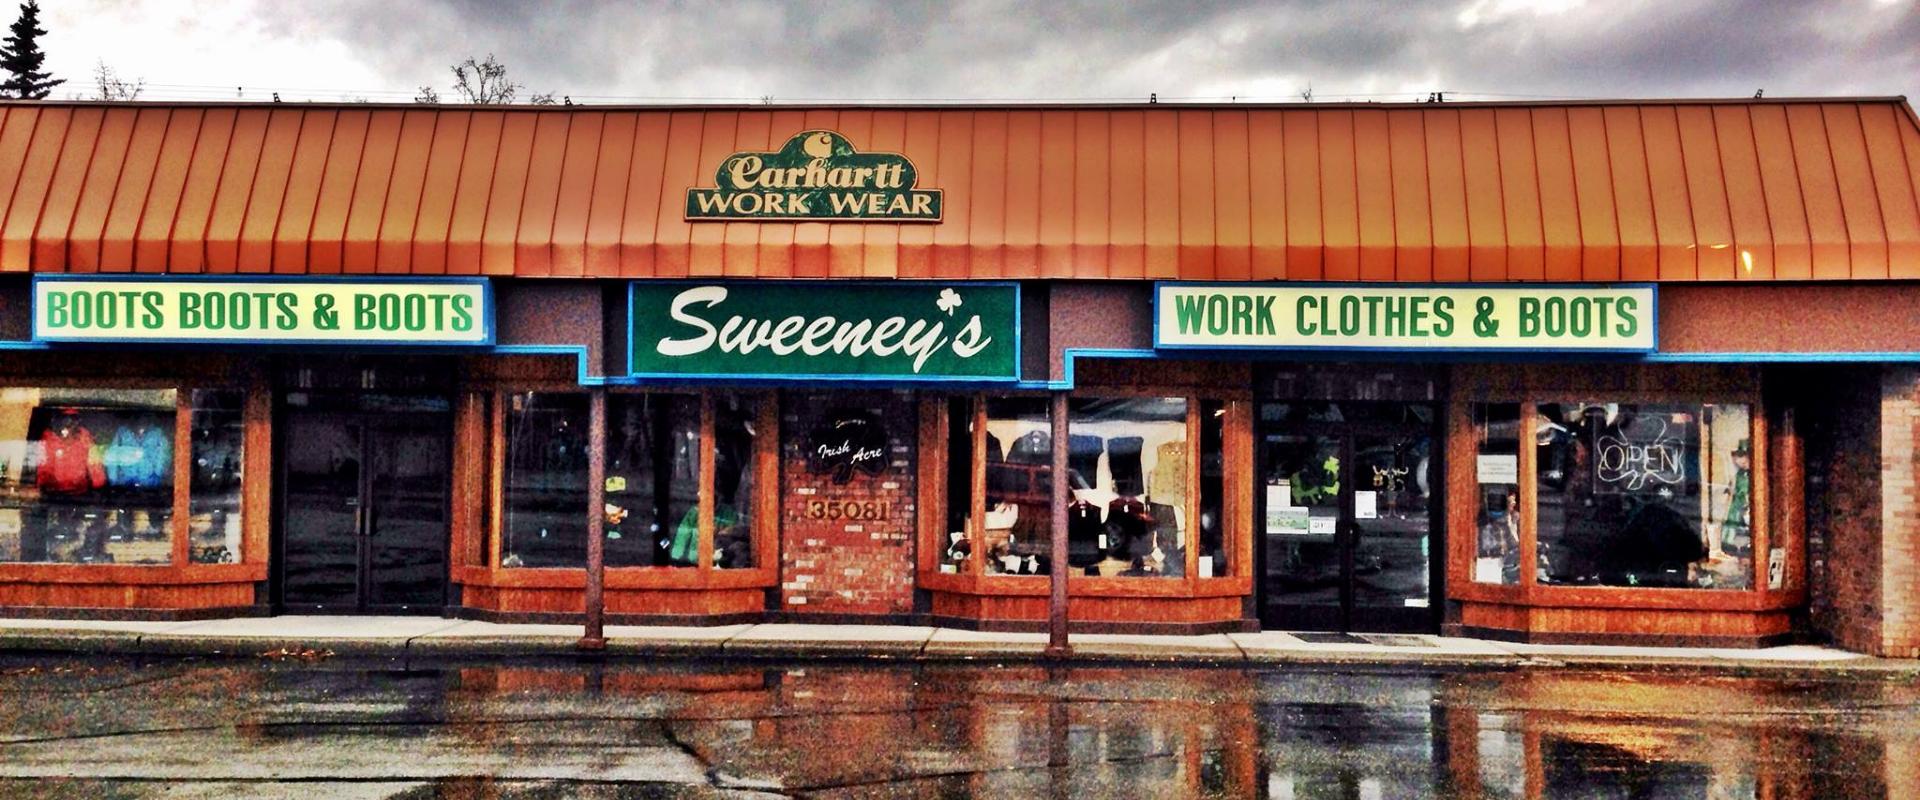 Sweeney's Clothing